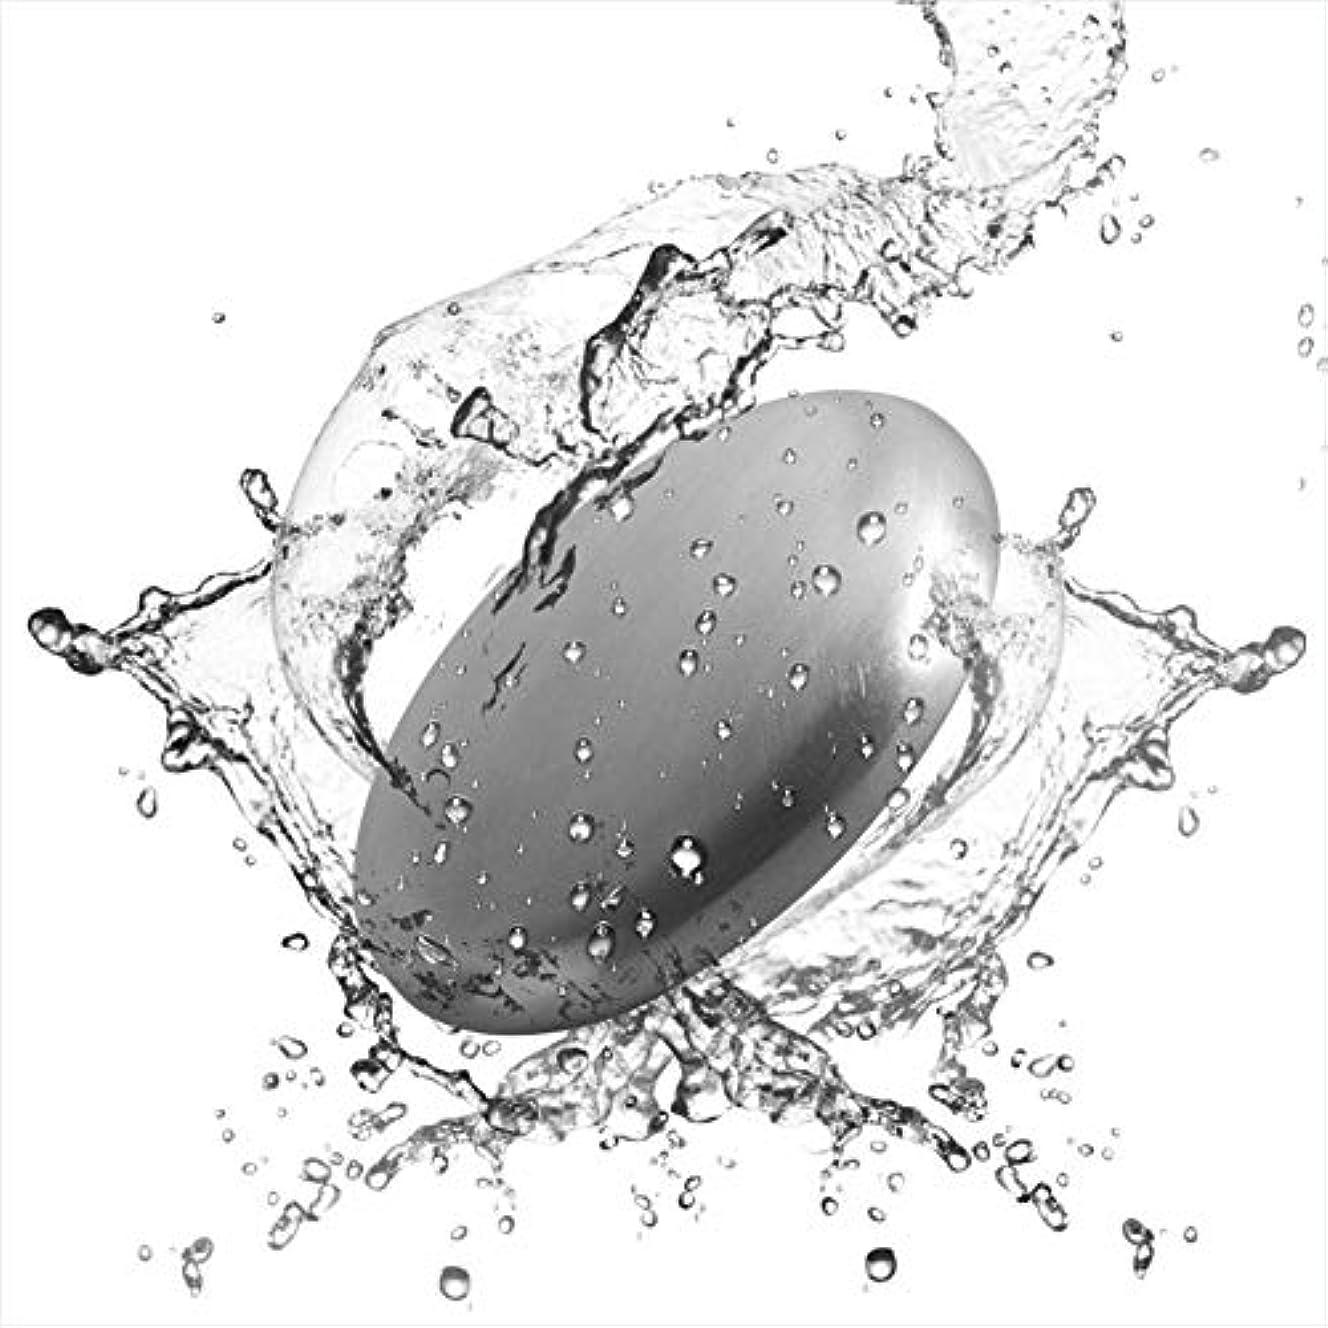 シリンダー立法今後Refoiner ステンレス製品 ソープ 実用的な台所用具 石鹸 魚臭 玉ねぎやニンニク 異臭を取り除く 2個